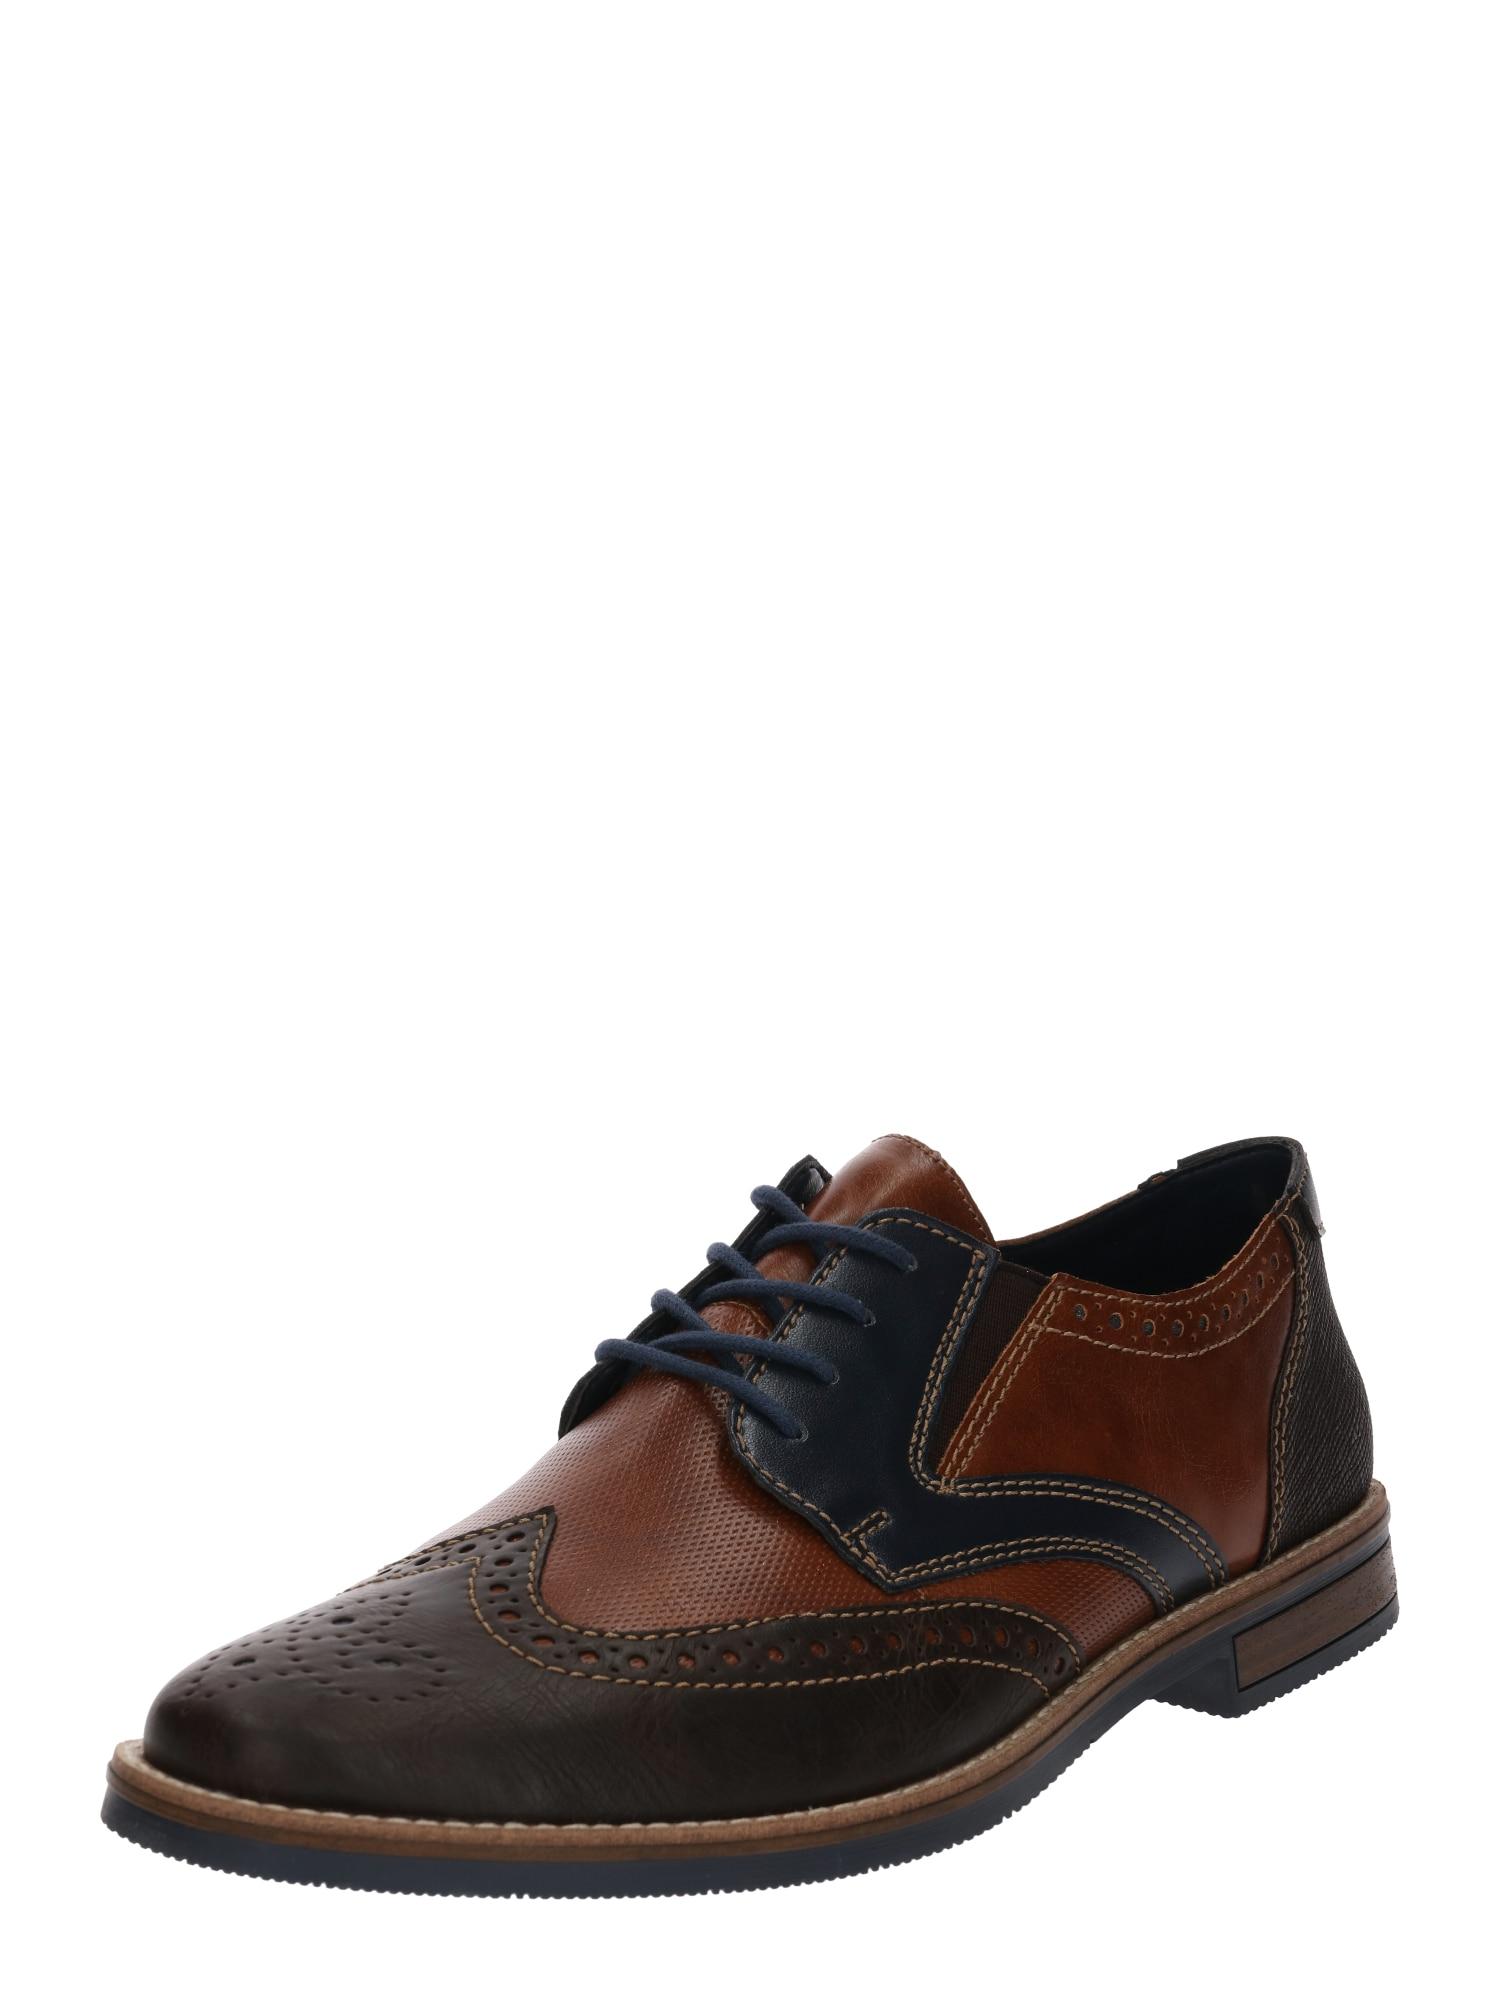 Šněrovací boty kobaltová modř kaštanově hnědá rezavě hnědá RIEKER